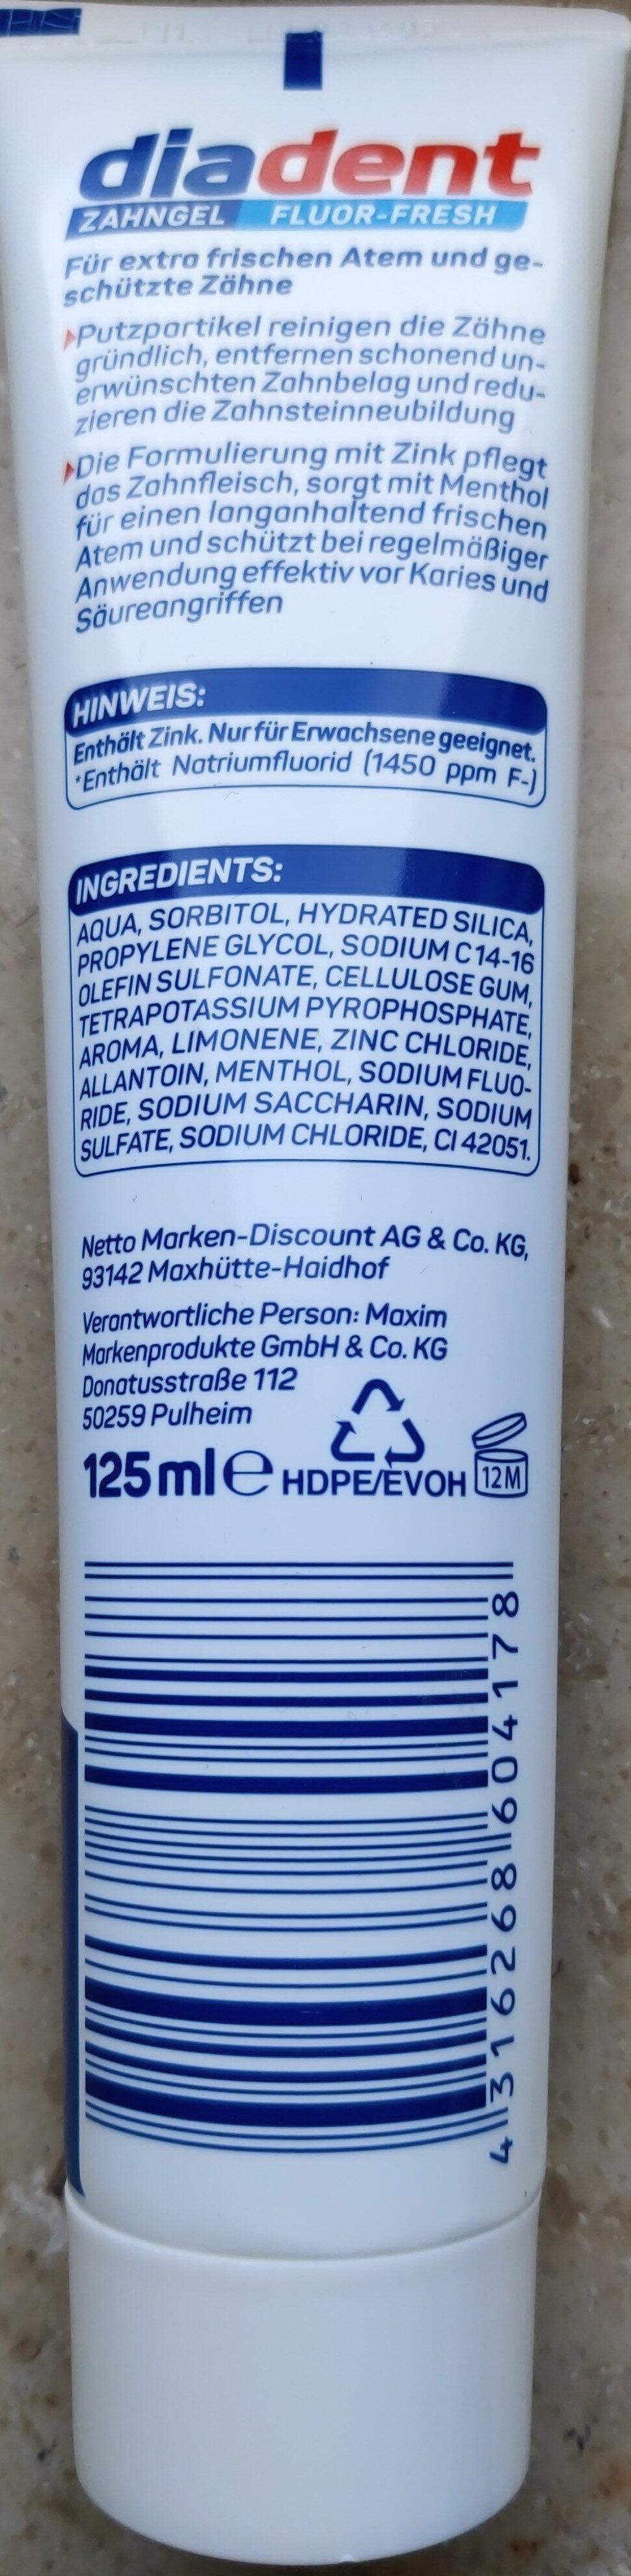 Zahngel Fluor-Fresh - Product - en